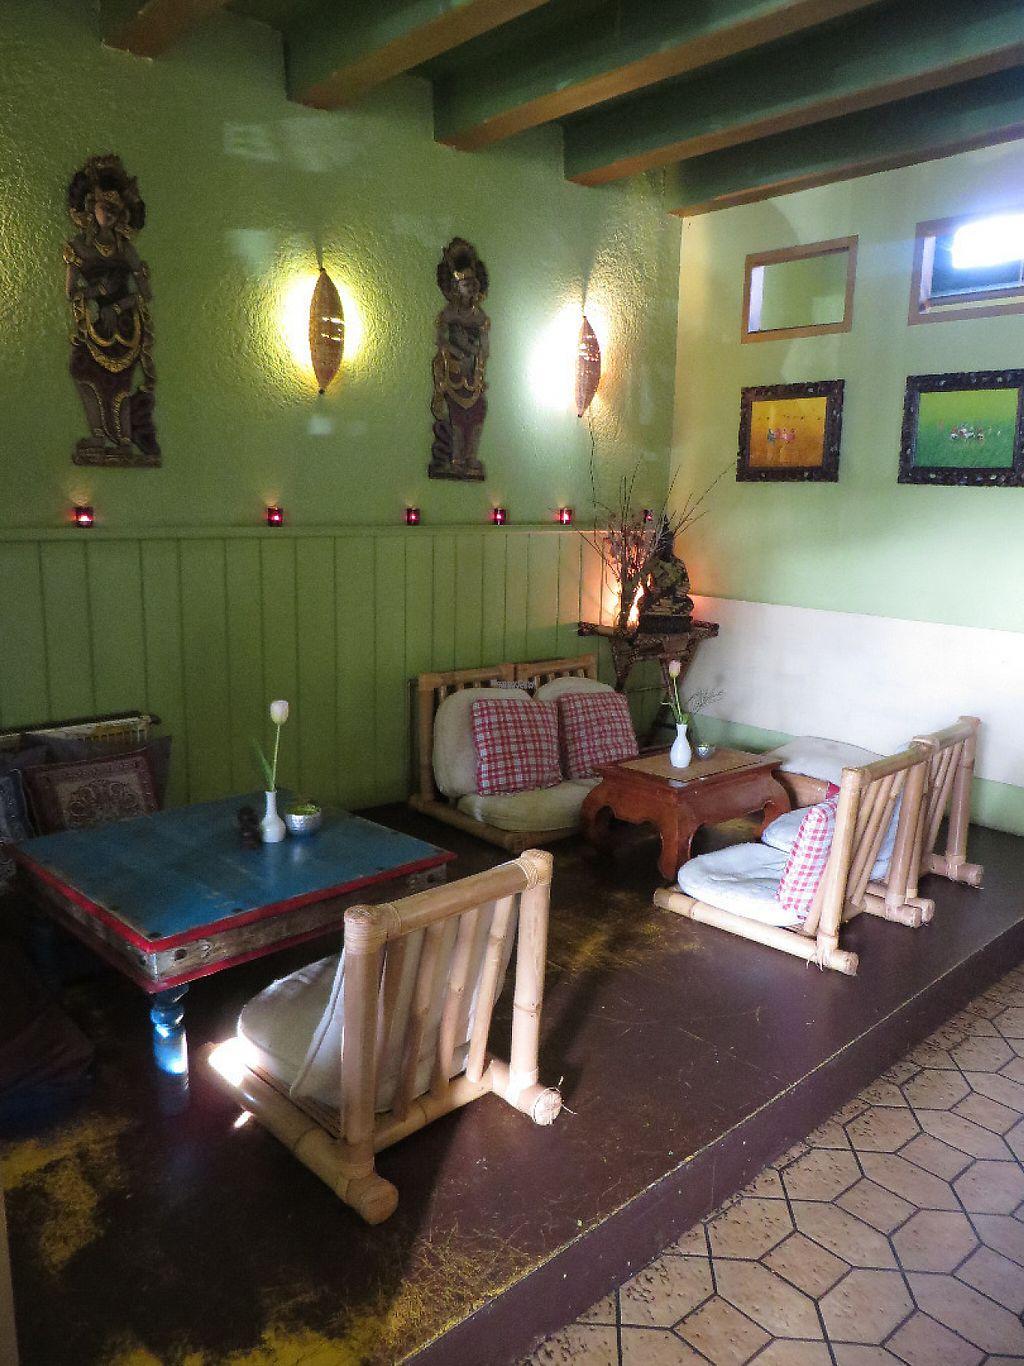 Cozy corner restaurant kleinbettingen supreme court sports betting case